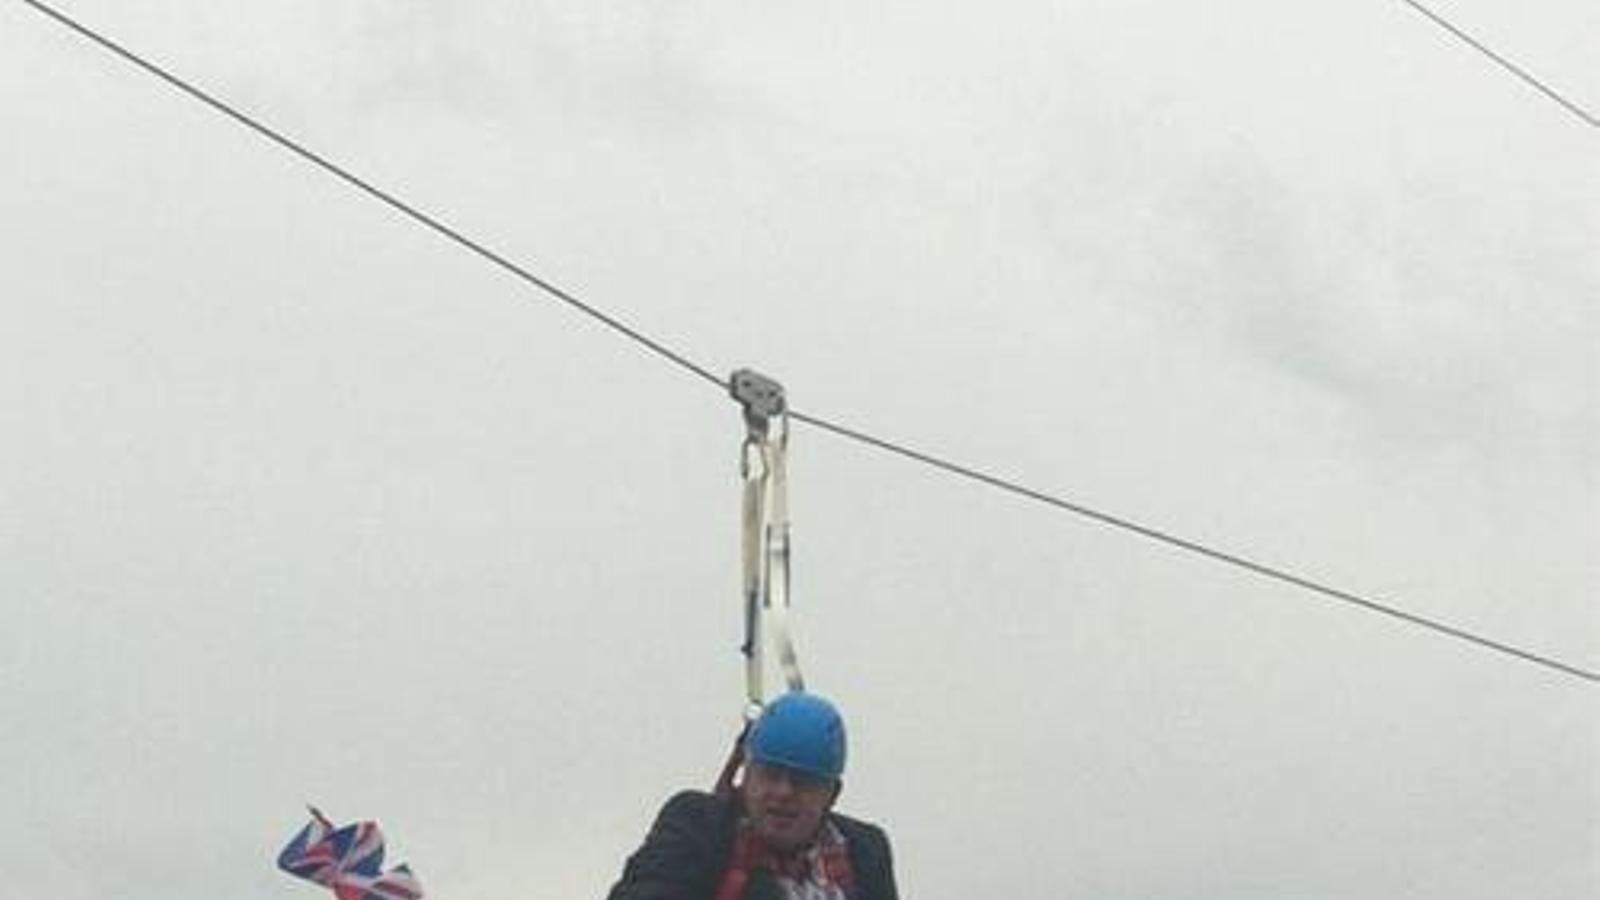 L'alcalde de Londres, Boris Johnson, s'ha quedat encallat en una tirolina al Victoria Park